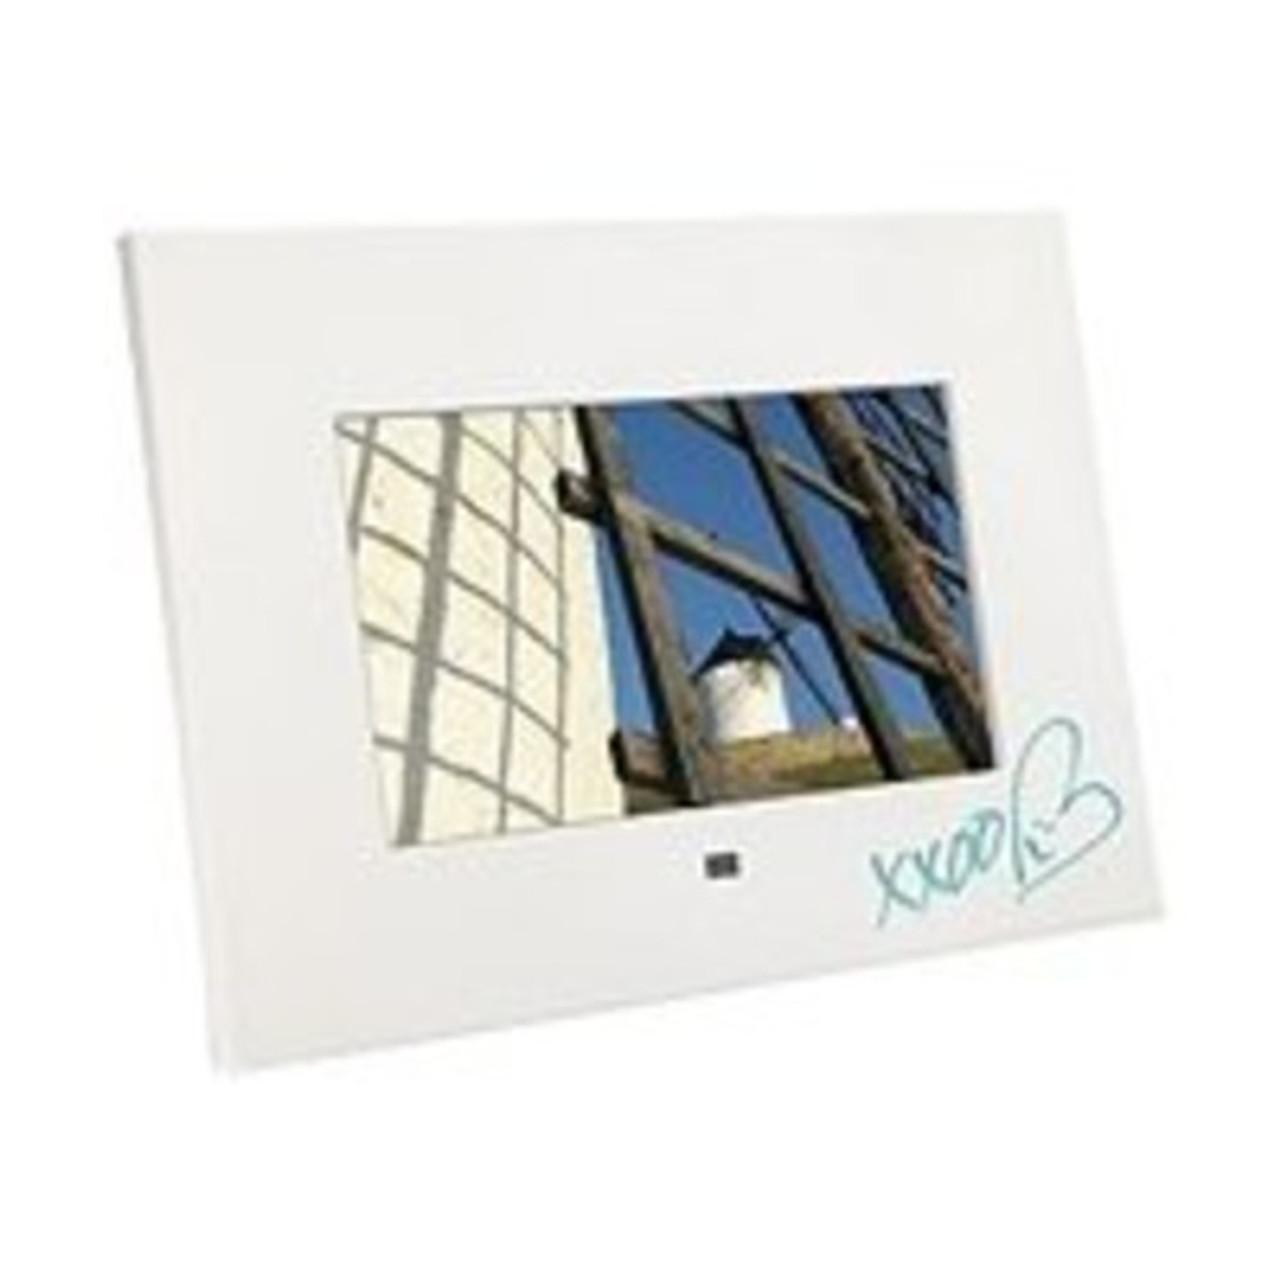 Kodak Faceplate for Kodak 8-Inch Digital Picture Frames (Whiteboard ...